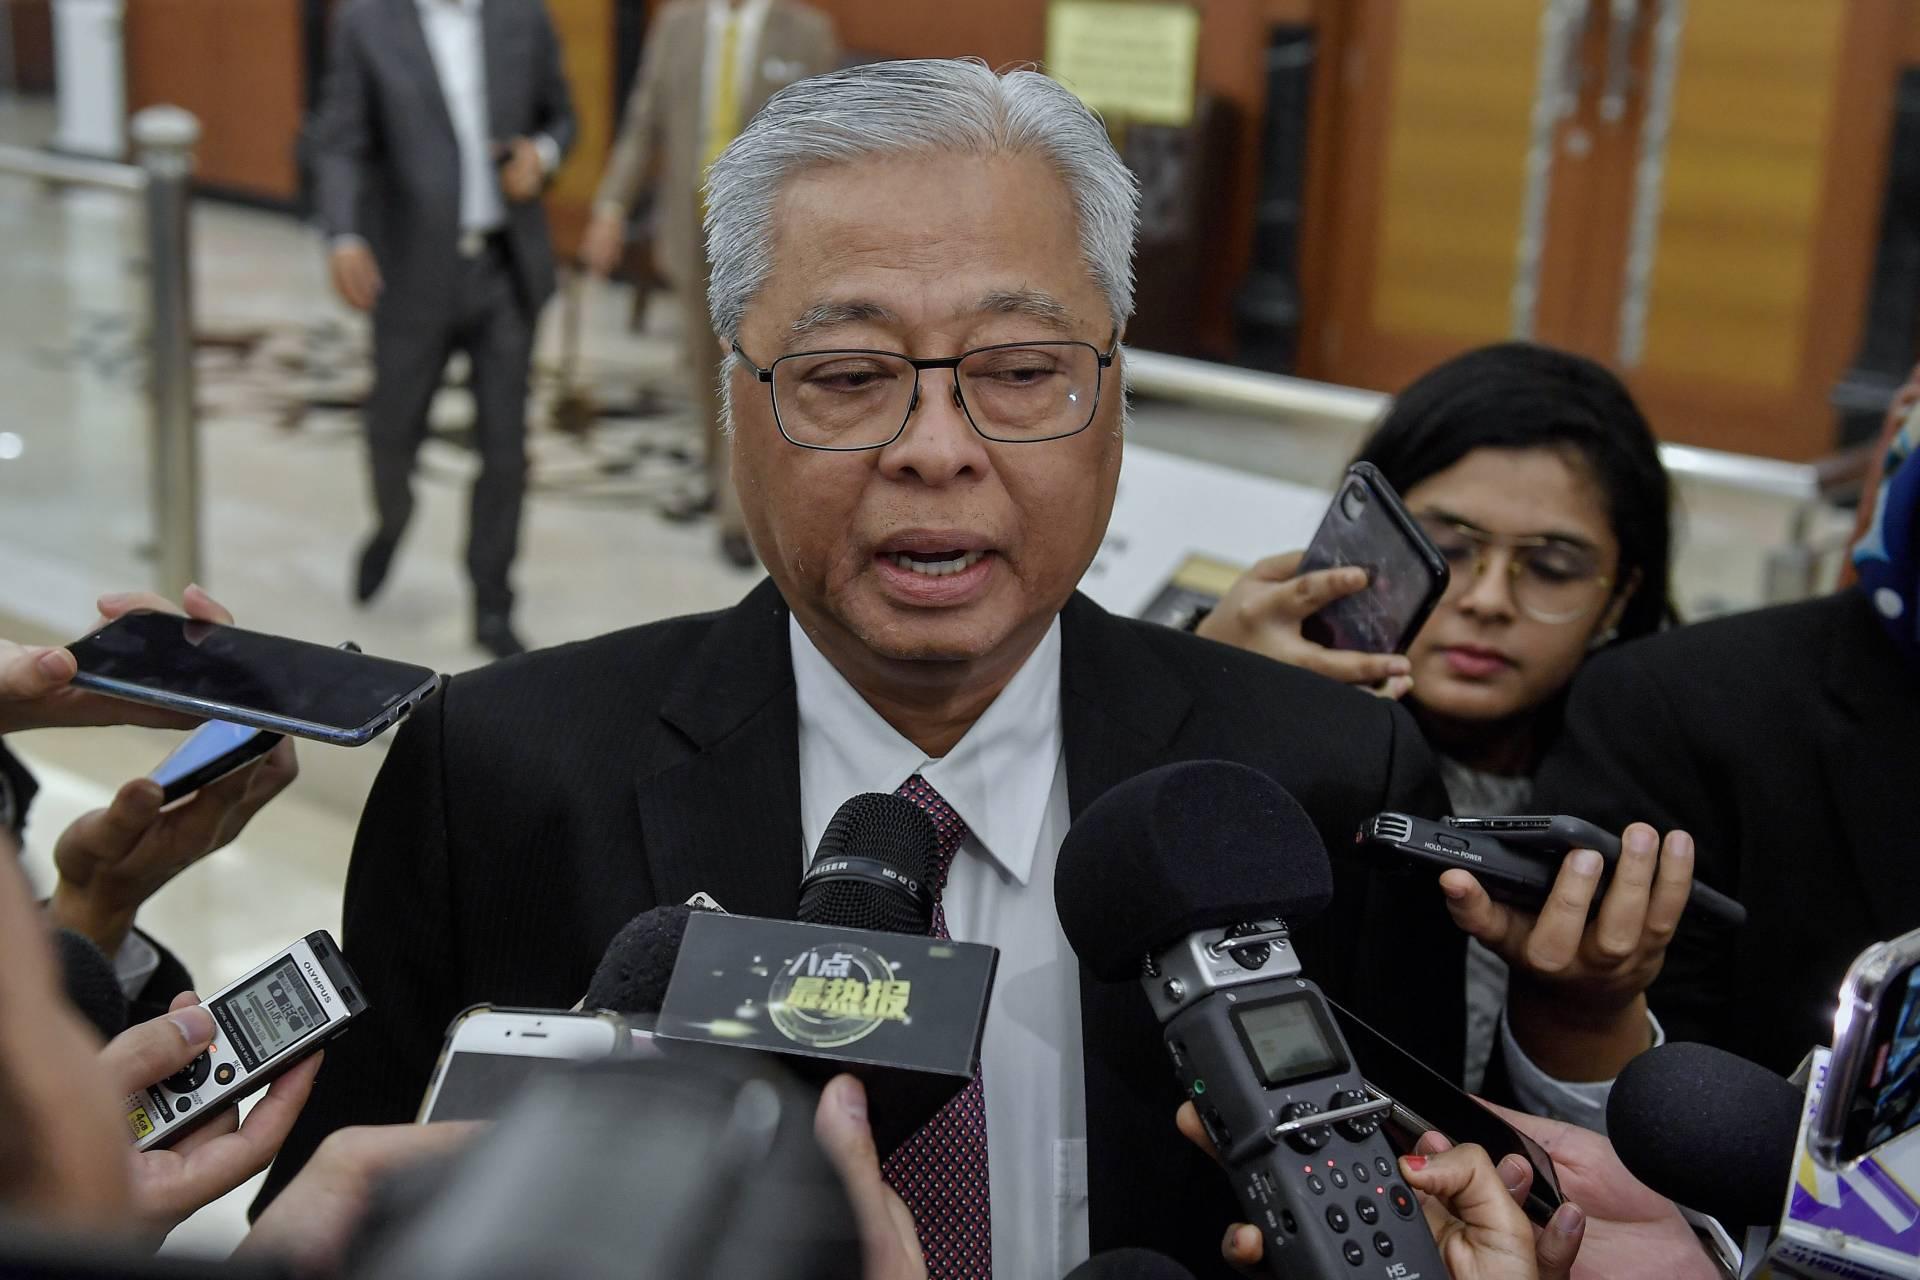 وزير الدفاع الماليزى: بدء عملية تعقيم وتطهير واسعة النطاق بالبلاد بعد غد